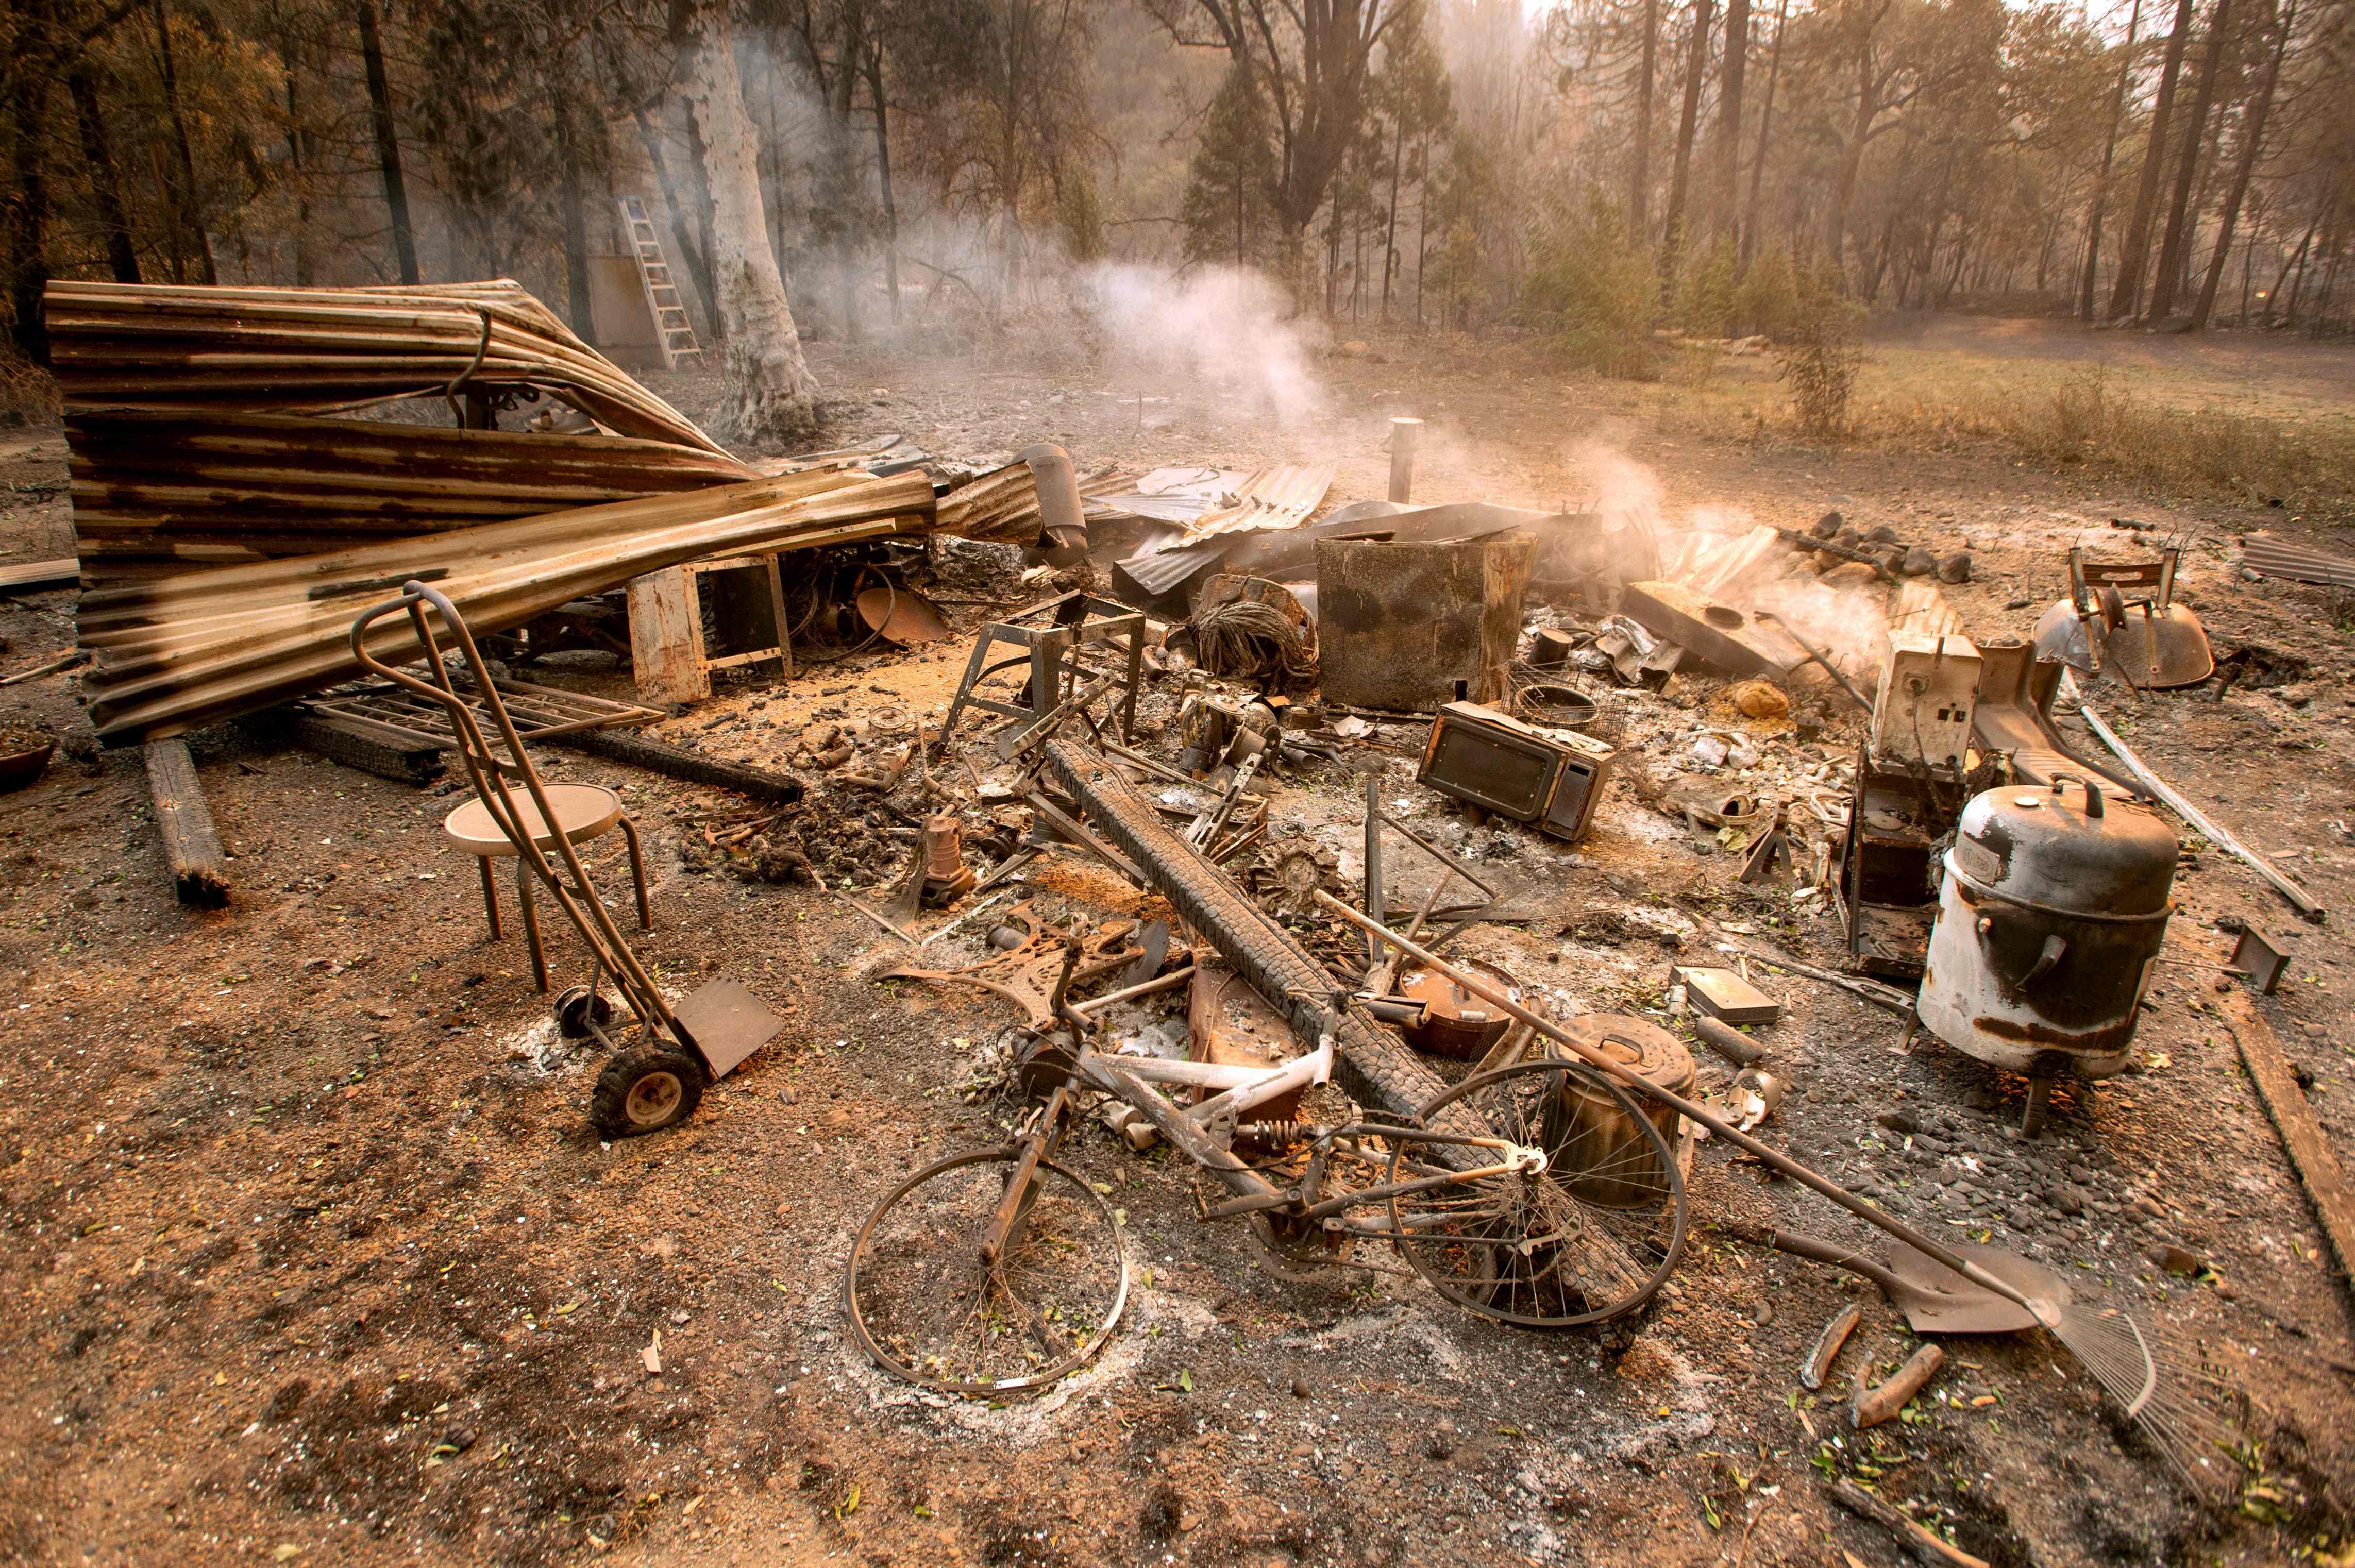 النيران التهمت محتويات منزل